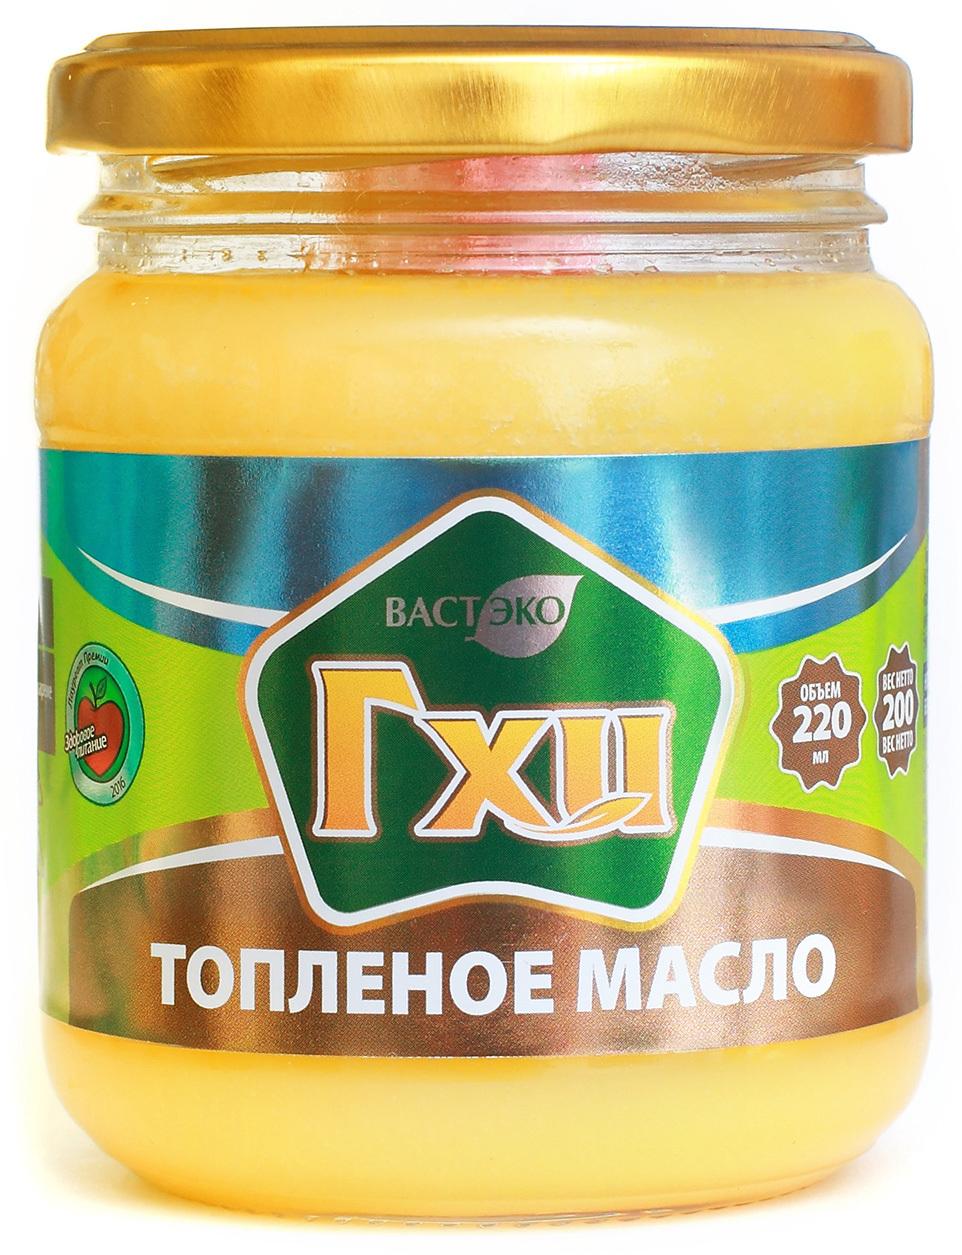 Масло гхи: польза и вред для здоровья